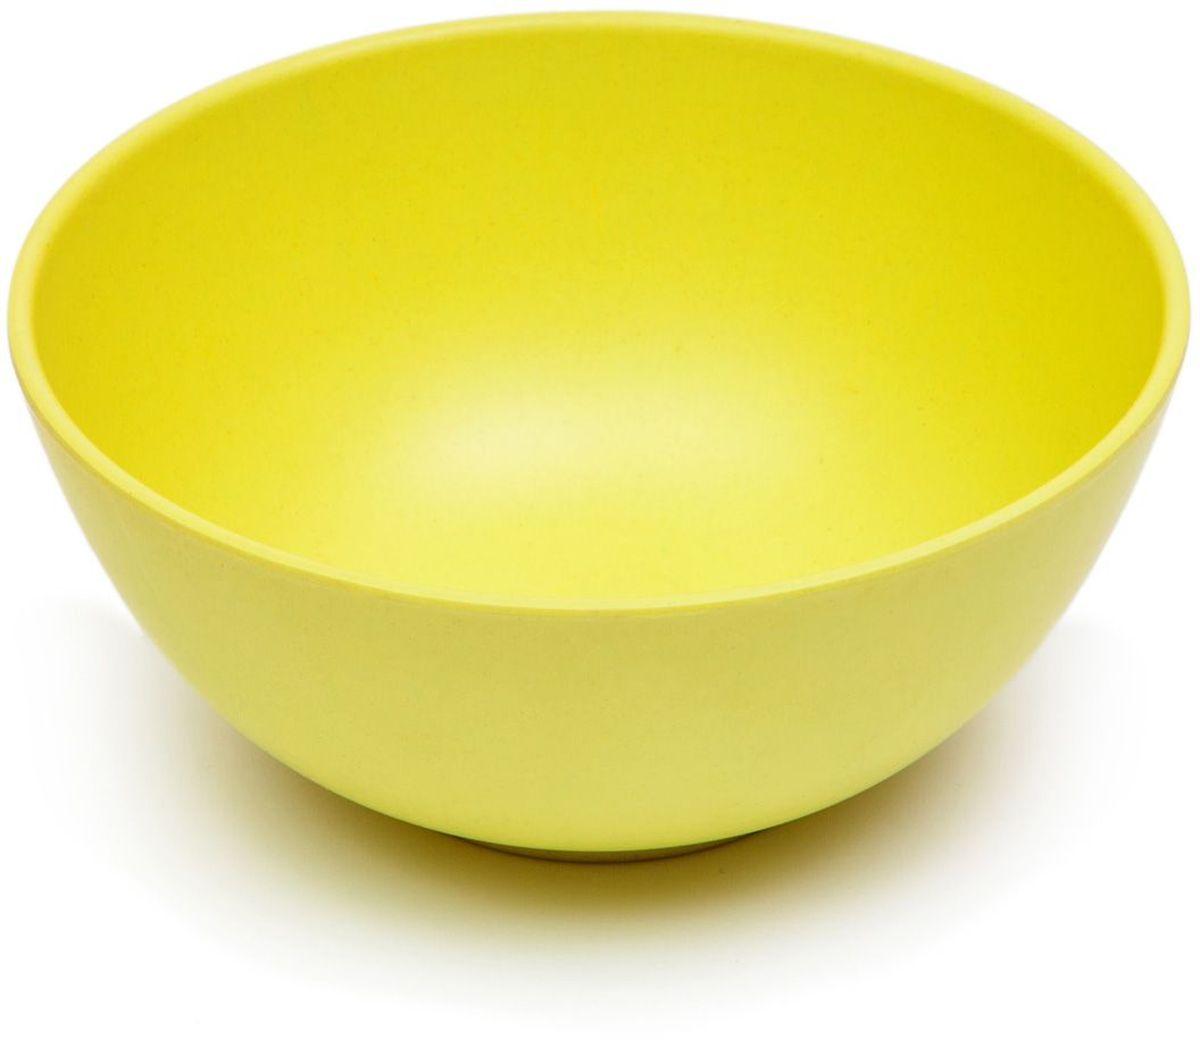 Тарелка глубокая MOULINvilla, цвет: желтый, диаметр 14,7 смTSF-12-GМиска глубокая MOULINvilla изготовлена из природного бамбука, очищенного от вредных примесей. Для окраски используются натуральные пищевые красители. Бамбук, сам по себе, является природным антисептиком. Эта уникальная особенность посуды гарантирует безопасность при эксплуатации и хранении различных видов пищевой продукции. Можно мыть в посудомоечной машине. Можно использовать в СВЧ печах на короткое время.